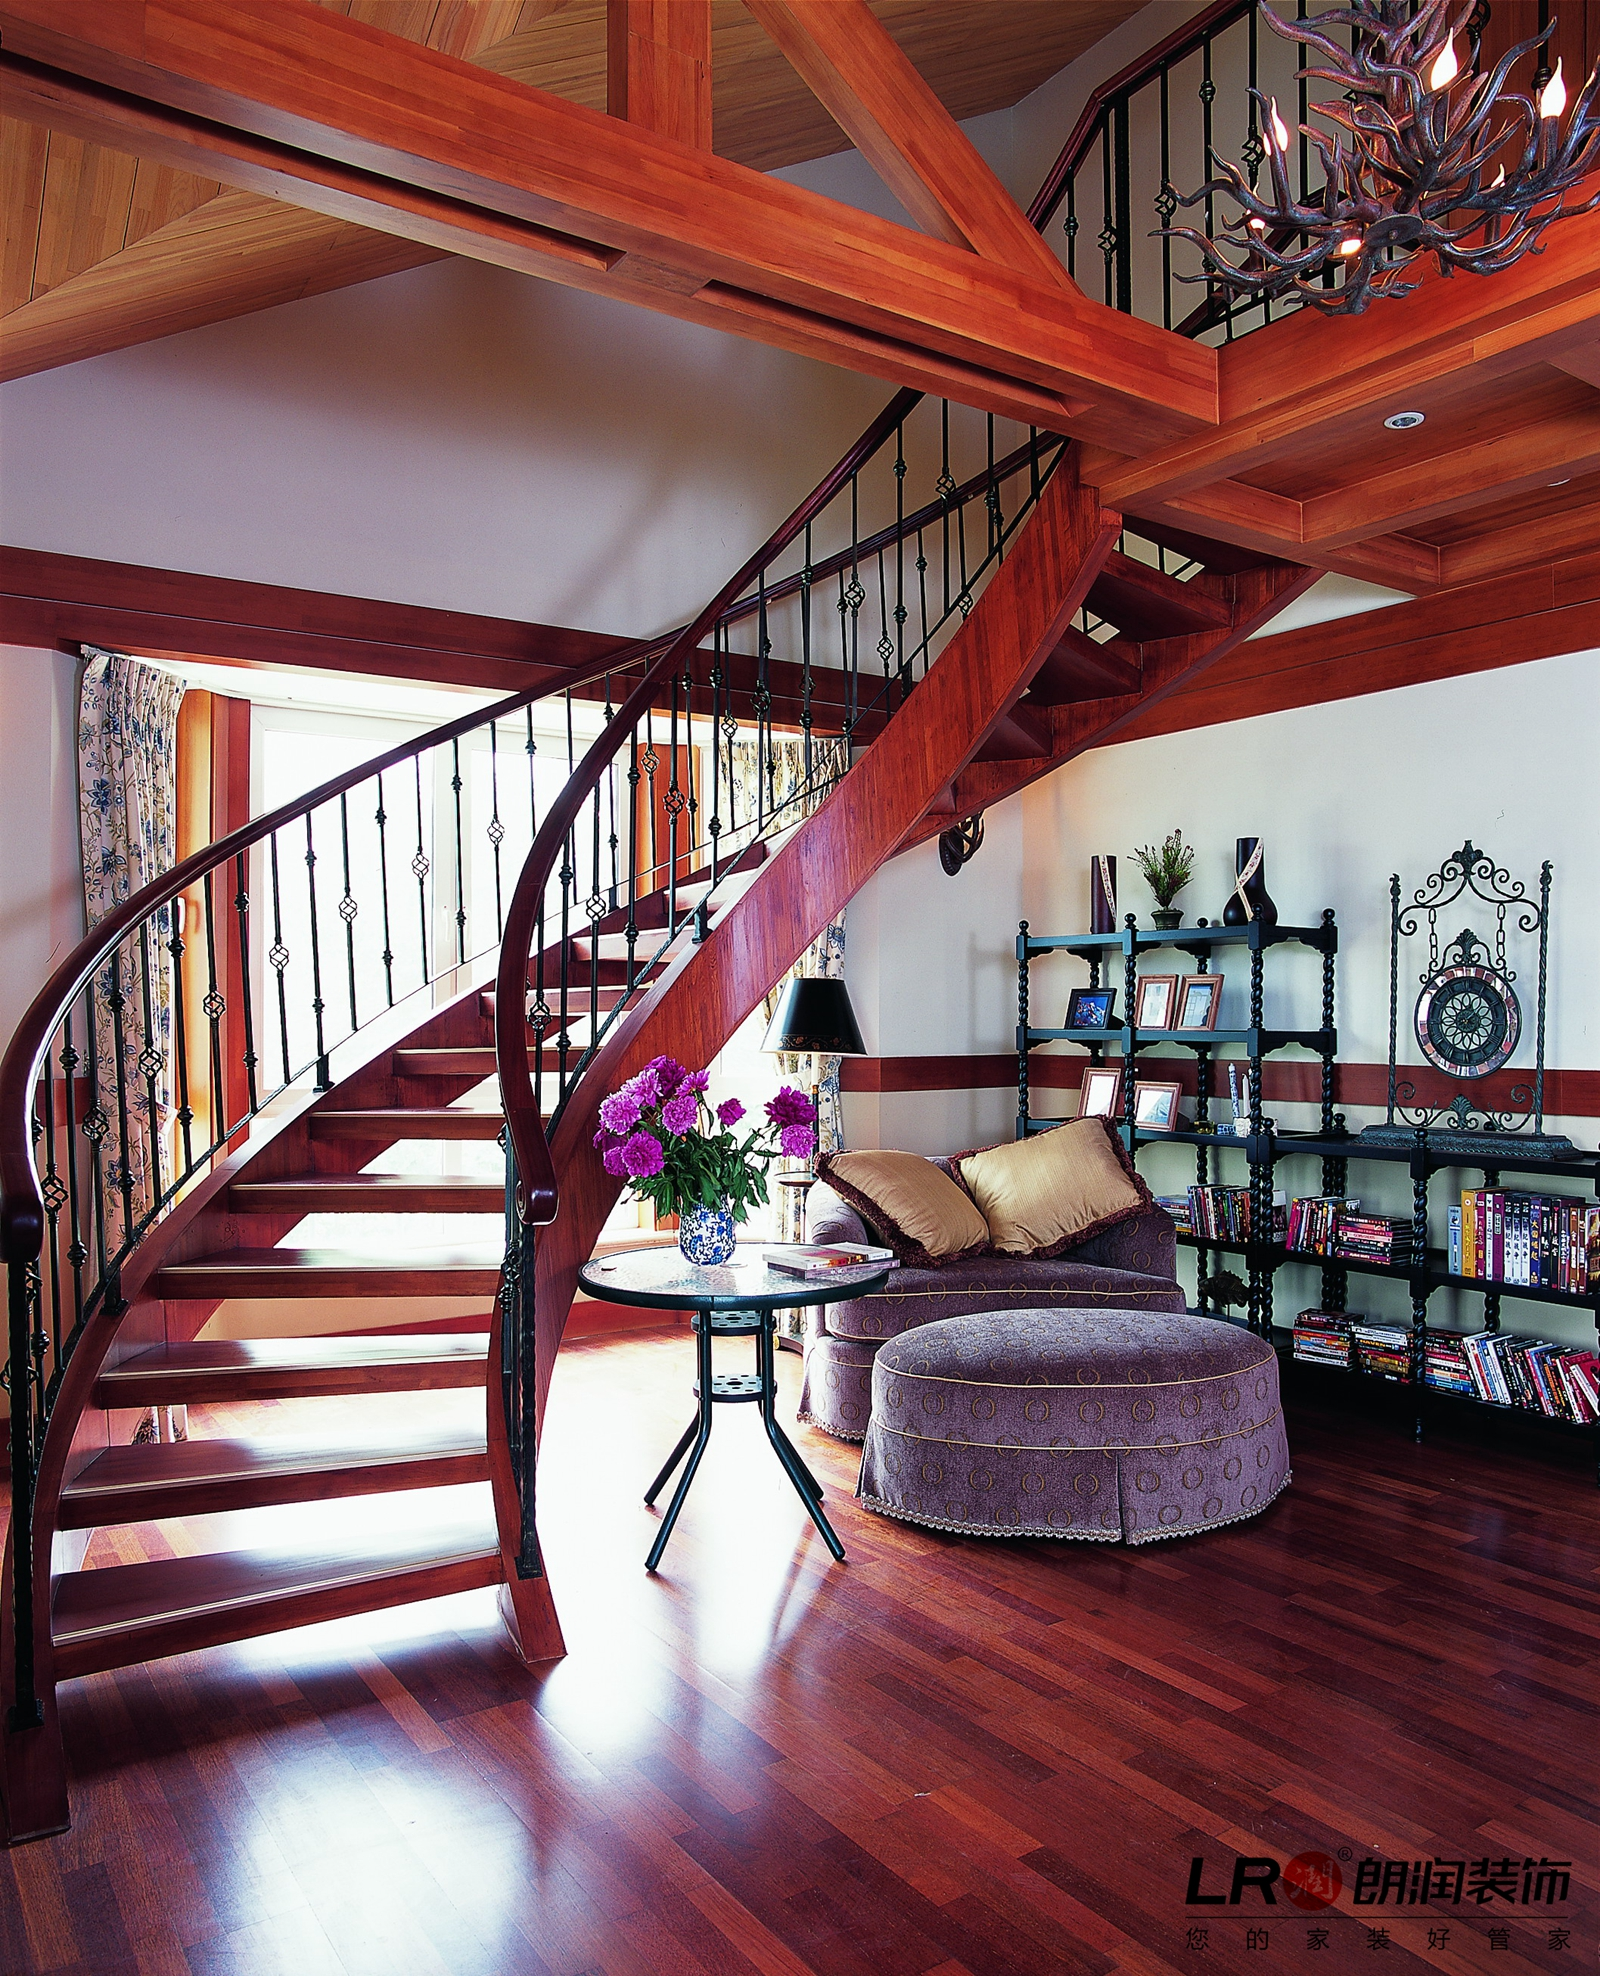 浪漫 美式 乡村 跃层 超自然减压 楼梯图片来自朗润装饰工程有限公司在塞纳河畔的浪漫美式家的分享